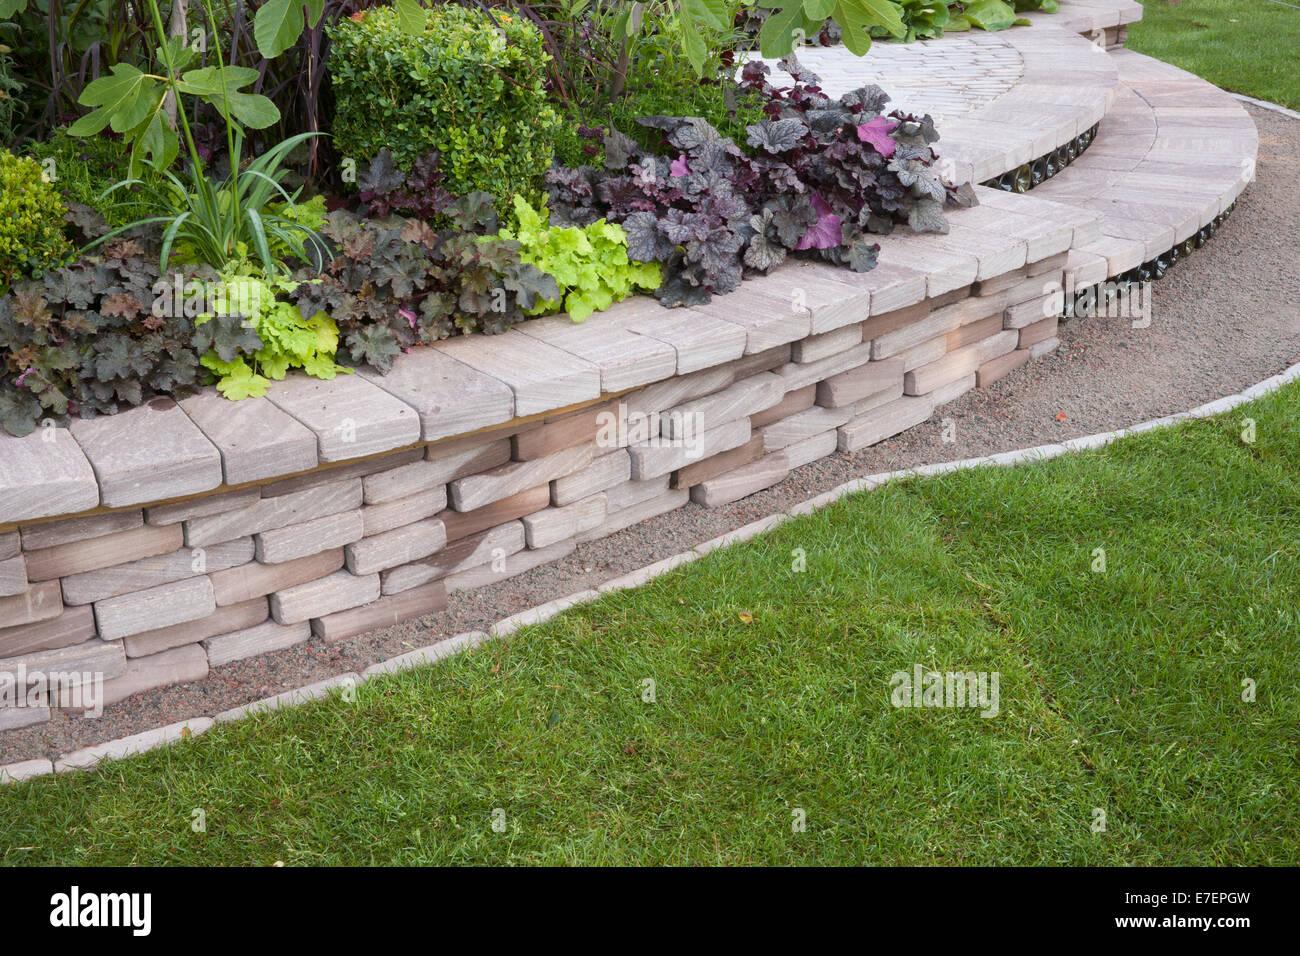 Giardino giardino di bacco vista del giardino con muro di pietra